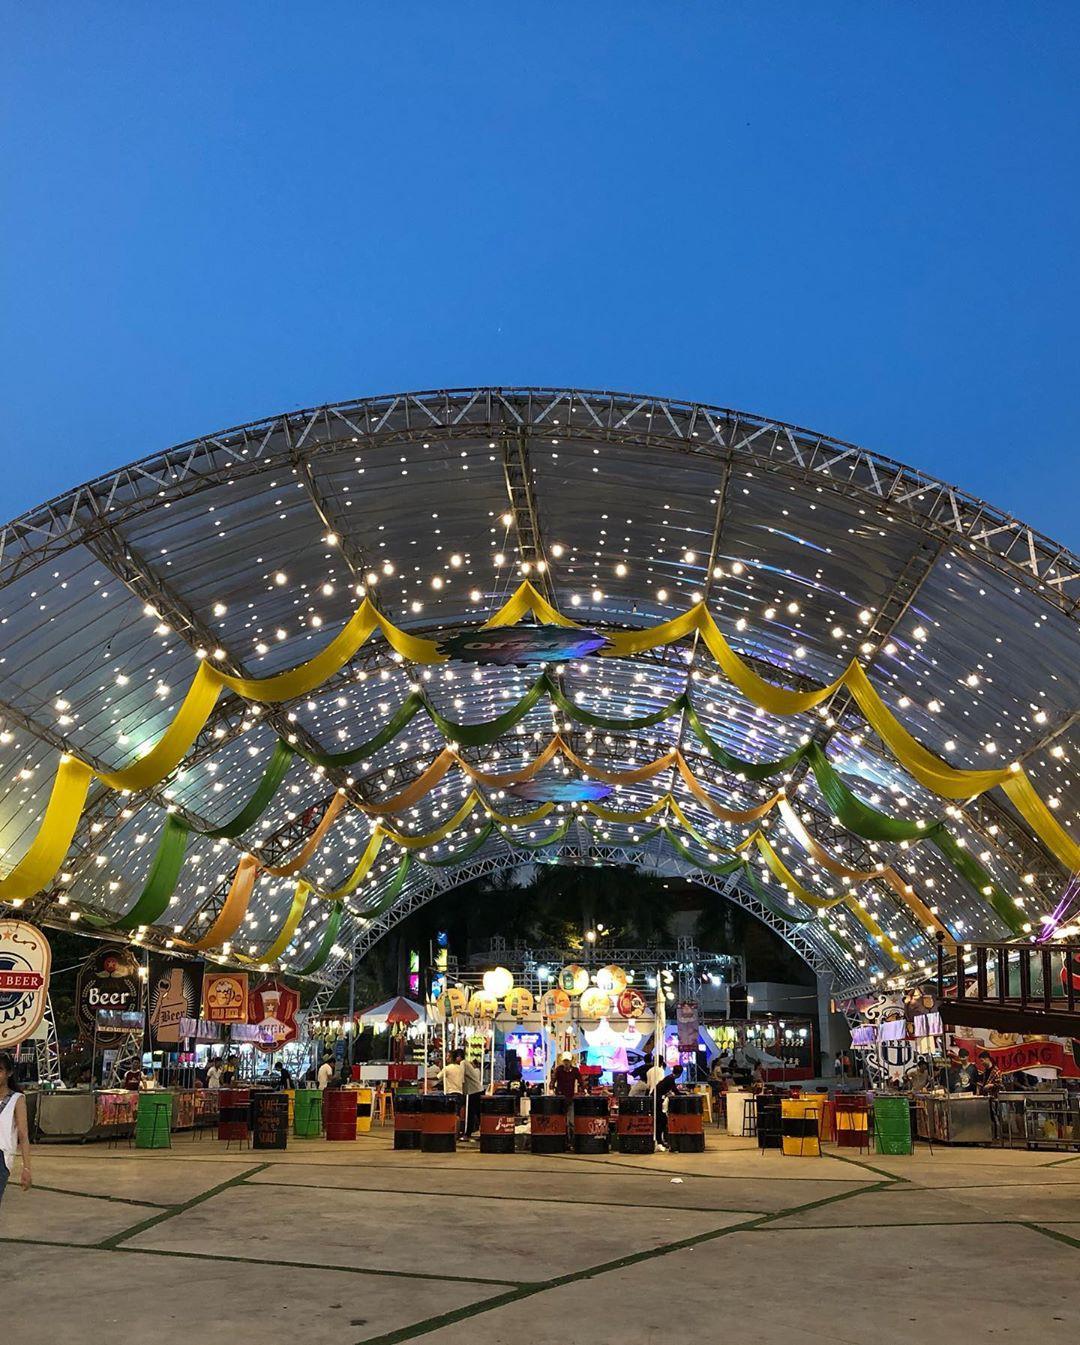 Gợi ý hành trình du lịch Đà Nẵng 3 ngày 2 đêm - Ảnh 7.